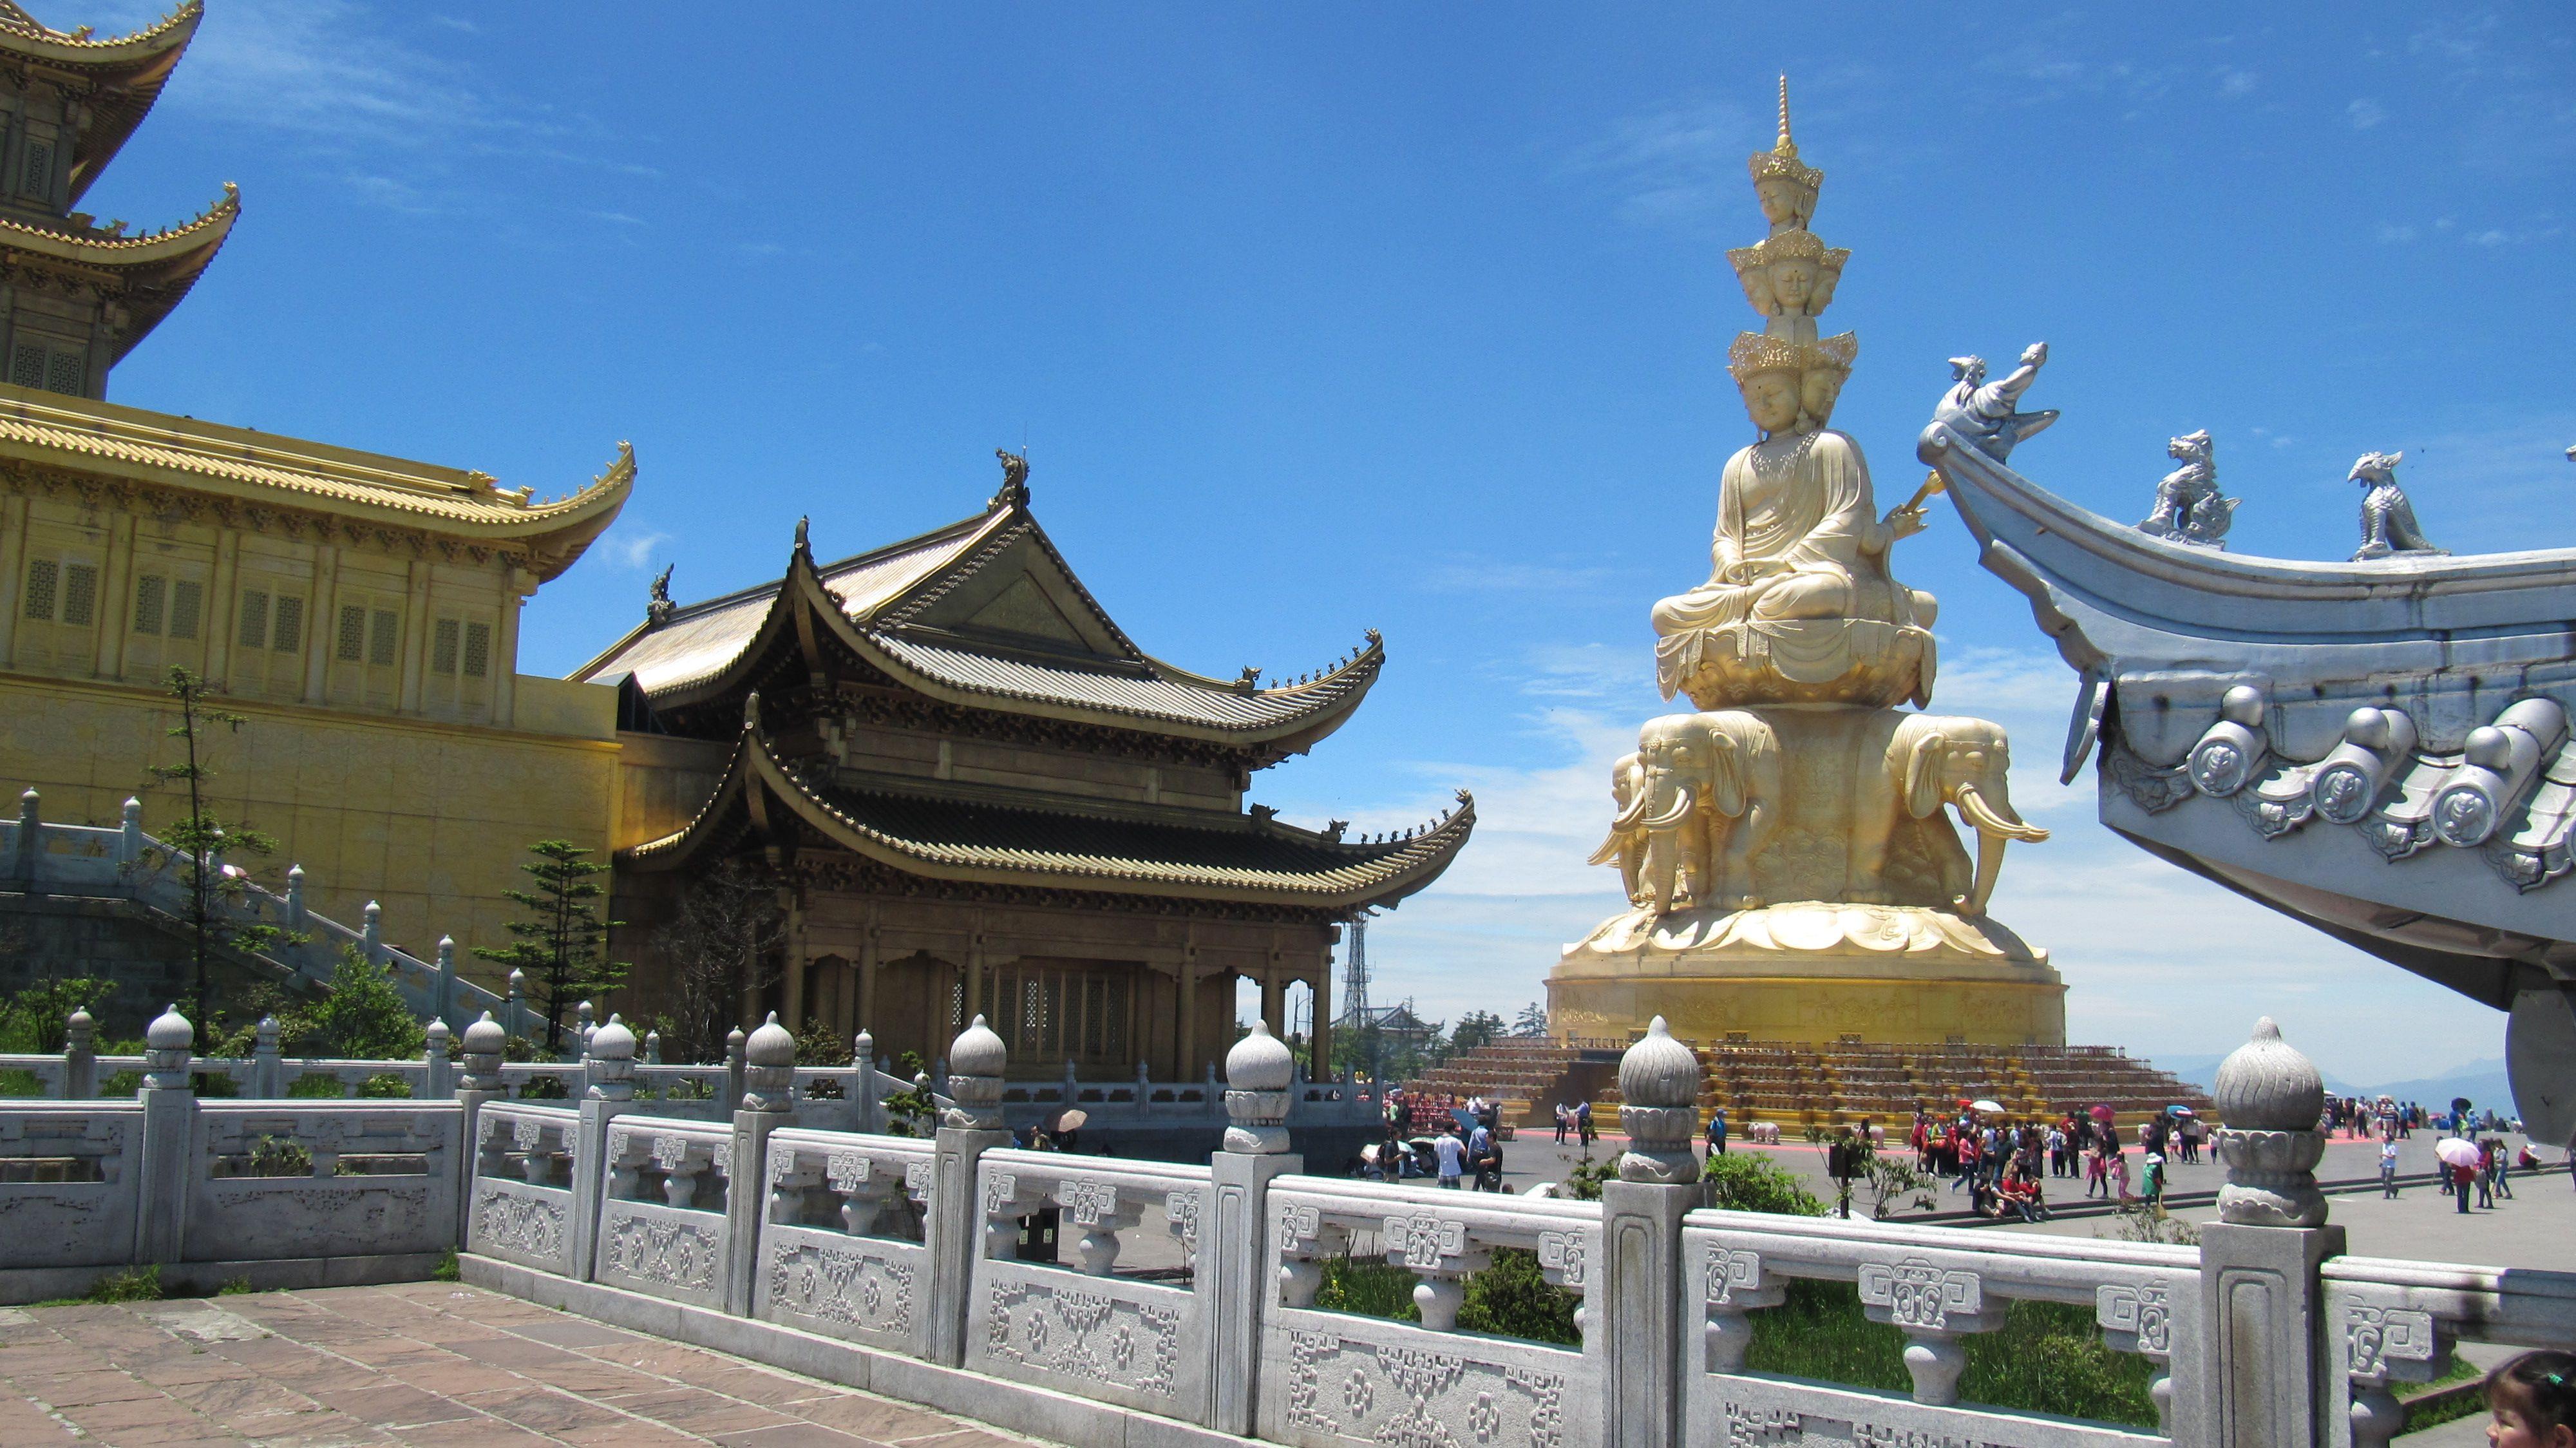 """MONTE EMEI 峨眉山  - 1 de las cuatro 4 sagradas para el budismo. Se encuentra el primer templo budista construido en China en el siglo I y diecisiete monasterios construidos durante la dinastía Qing.  - En la """"cima de oro"""" hay una estatua dedicada al Buda Samantabadra y tres templos: de bronce, plata y oro (por sus colores). - Paisaje impresionantes de cumbres envueltas en niebla y famosa también por sus monos, sagrados para los monjes.  - Llegada en autobús desde Leshan"""